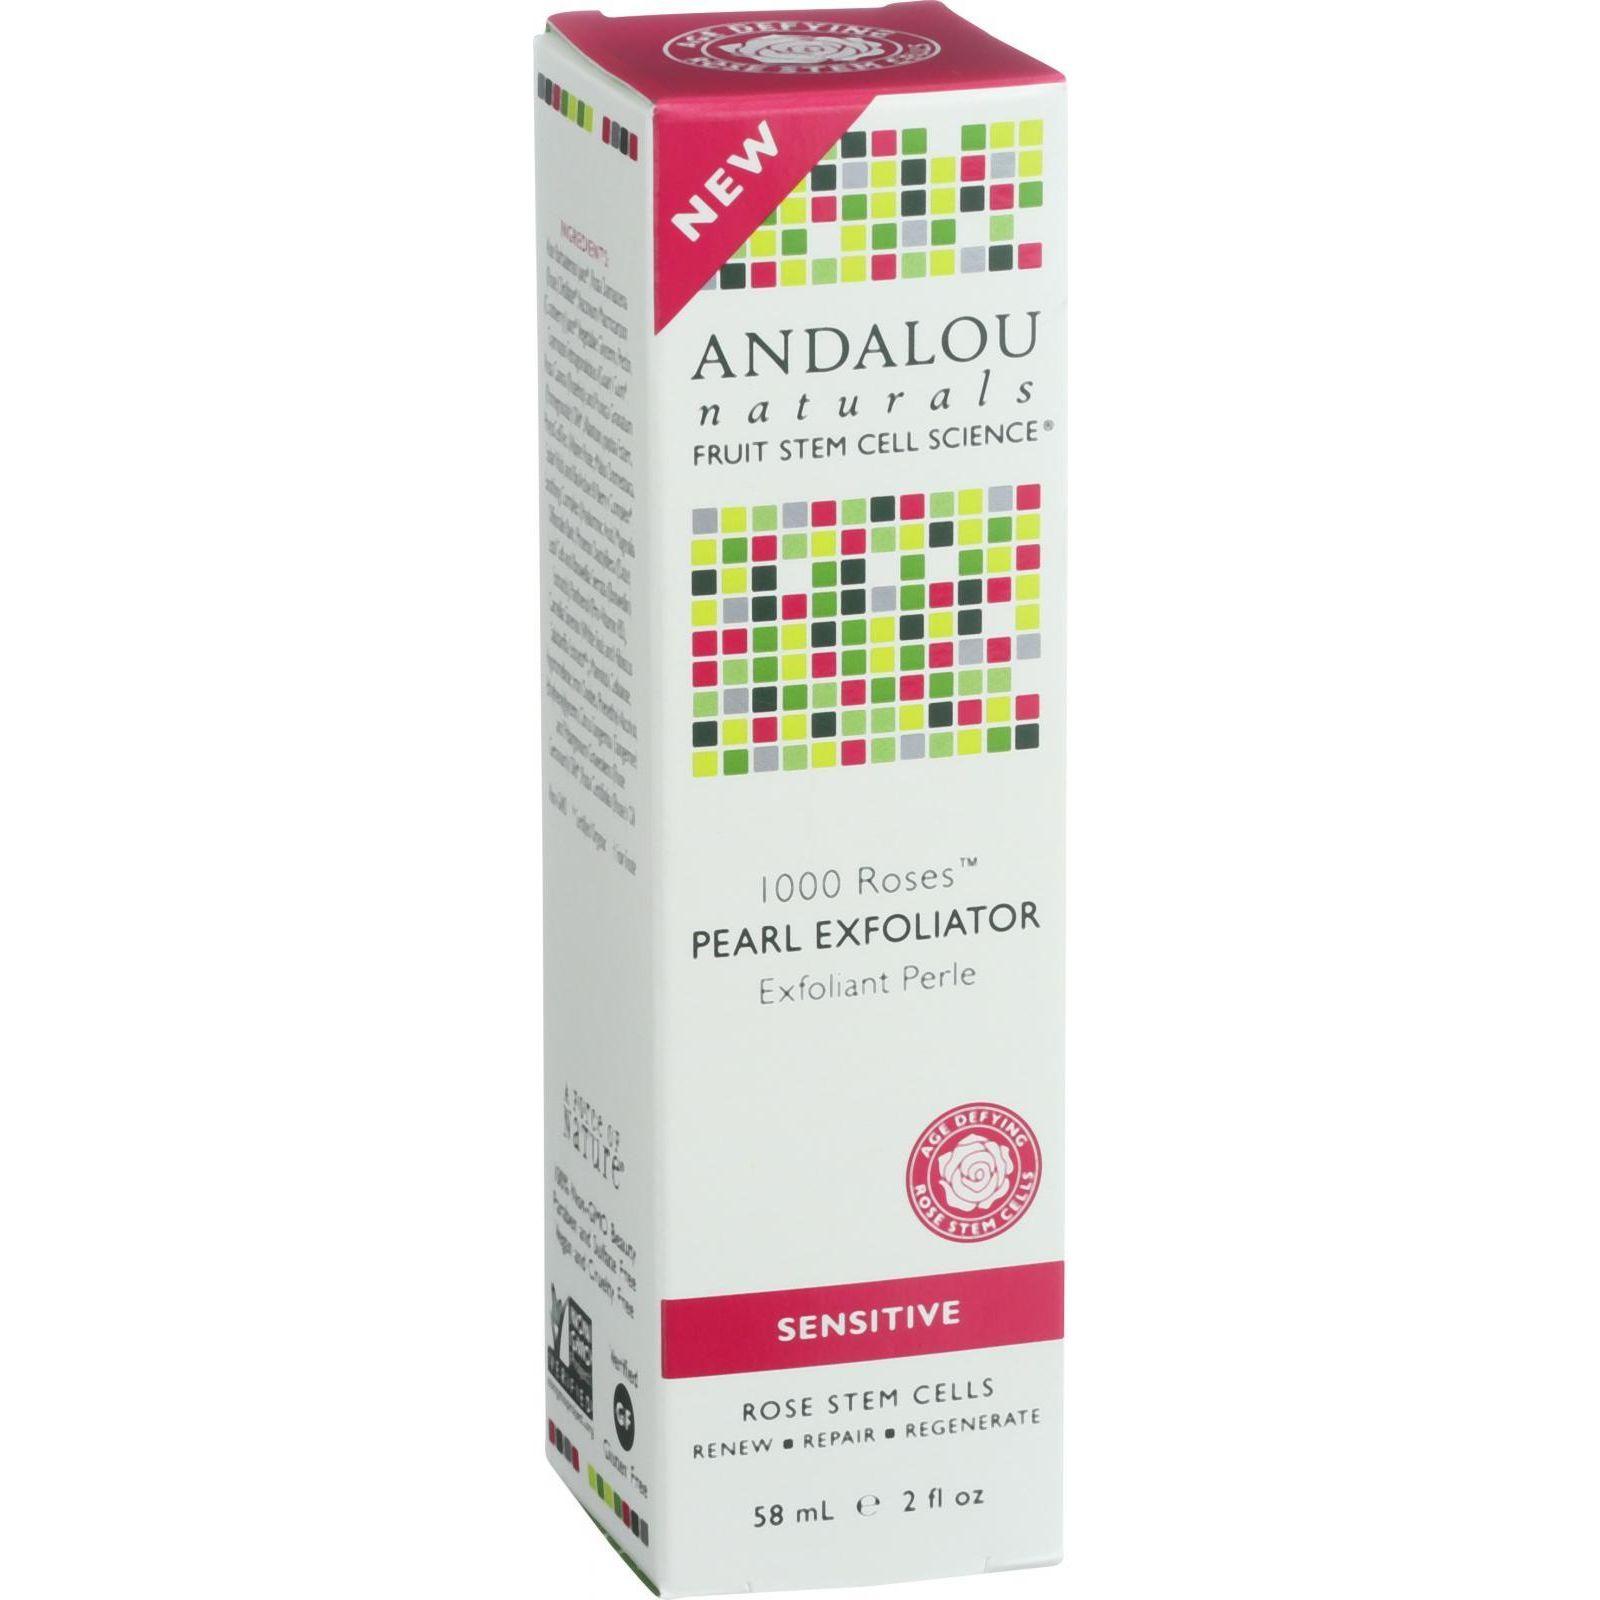 Andalou Naturals Pearl Exfoliator  1000 Roses  2 oz